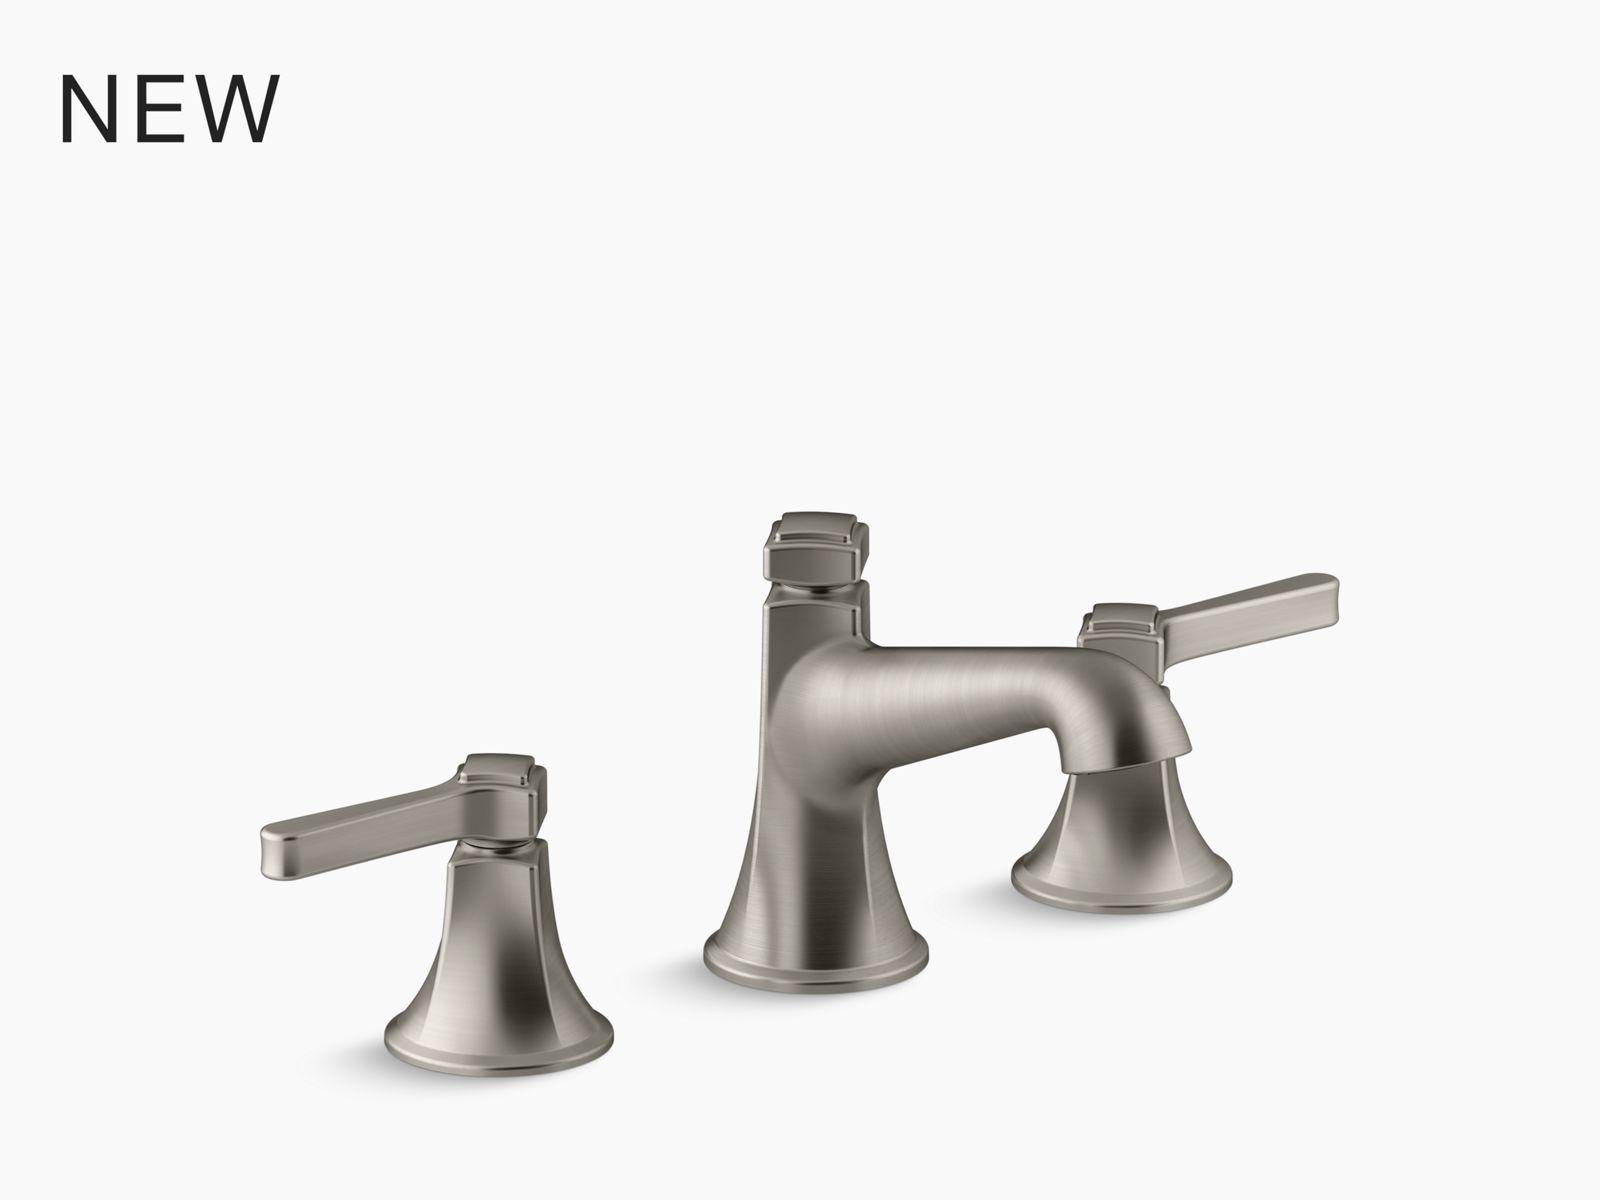 sous single handle semi professional kitchen sink faucet